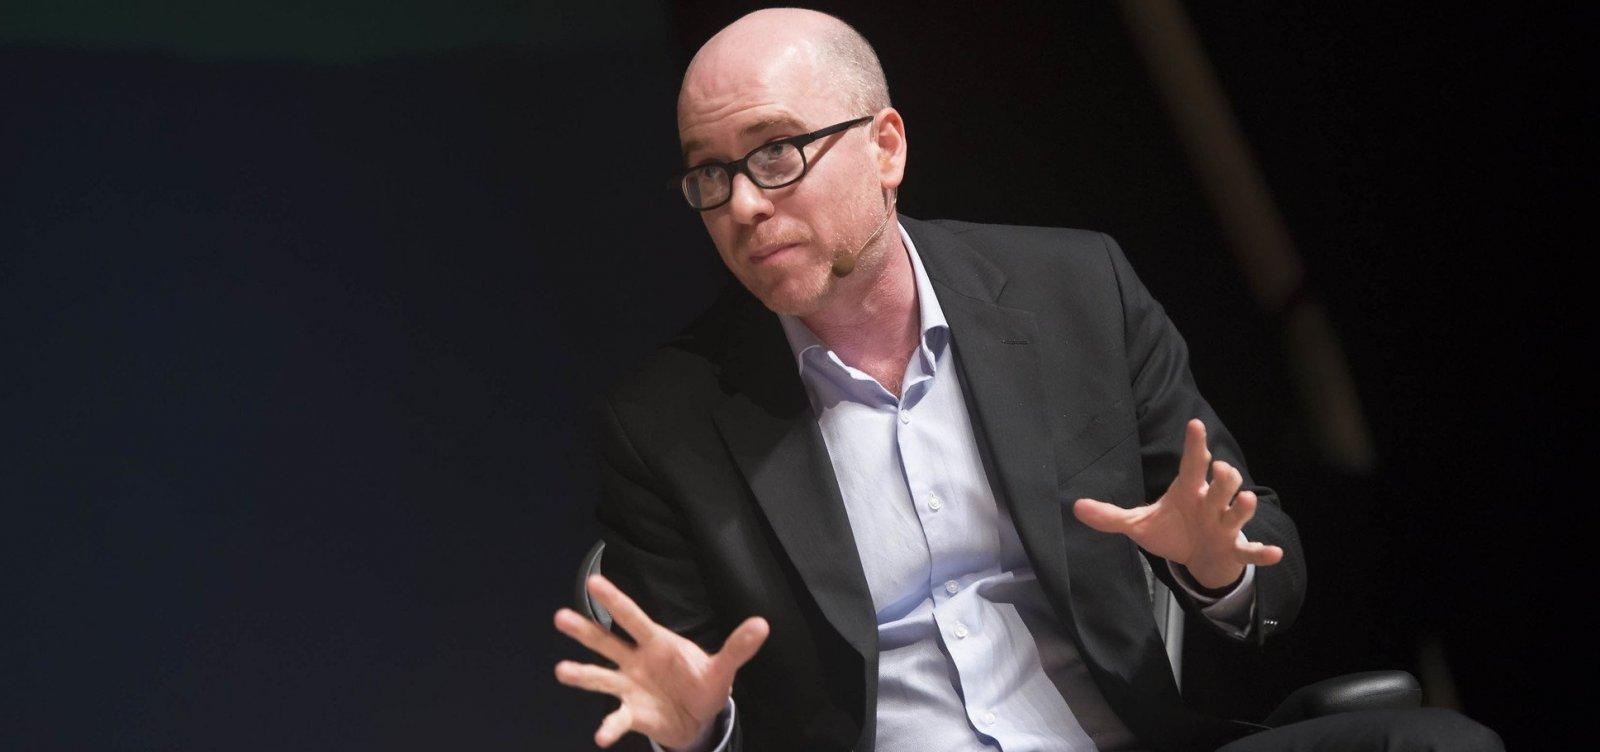 Em entrevista a Rádio Metrópole, Vladimir Safatle, filósofo e professor livre-docente da Universidade de São Paulo.